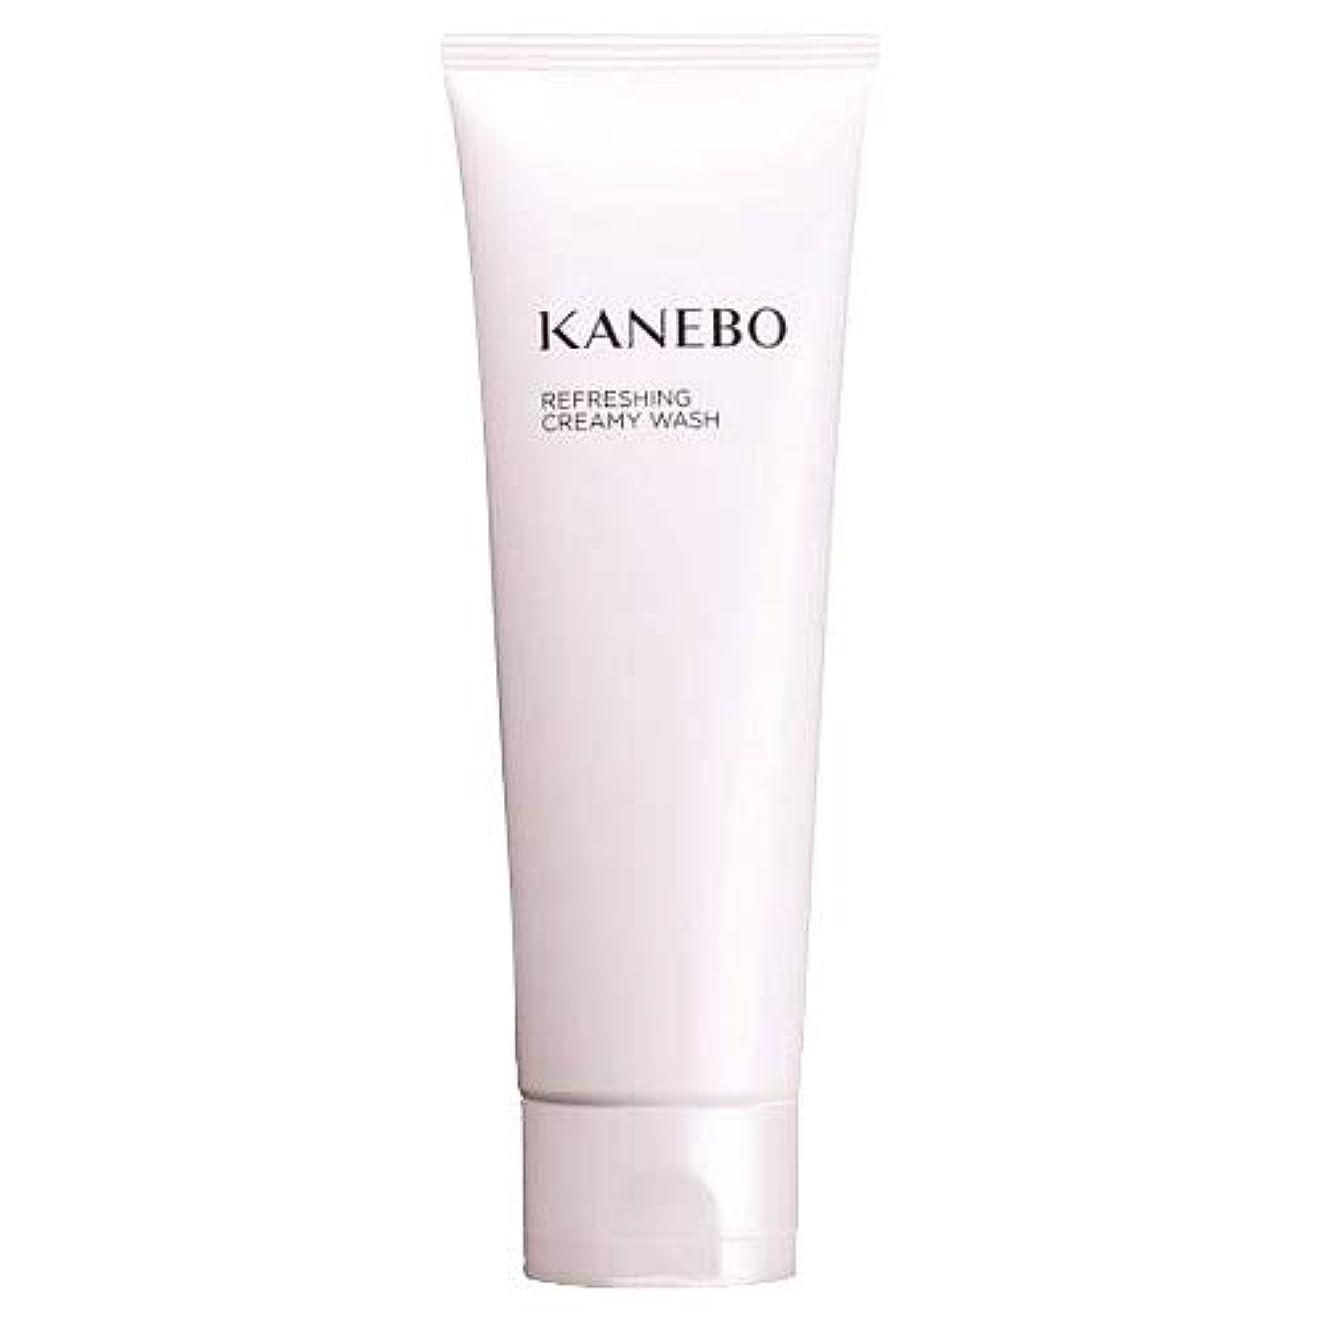 こどもセンターワットむしろカネボウ KANEBO 洗顔フォーム リフレッシングクリーミィウォッシュ 120ml :宅急便対応 送料無料 再入荷10 [並行輸入品]